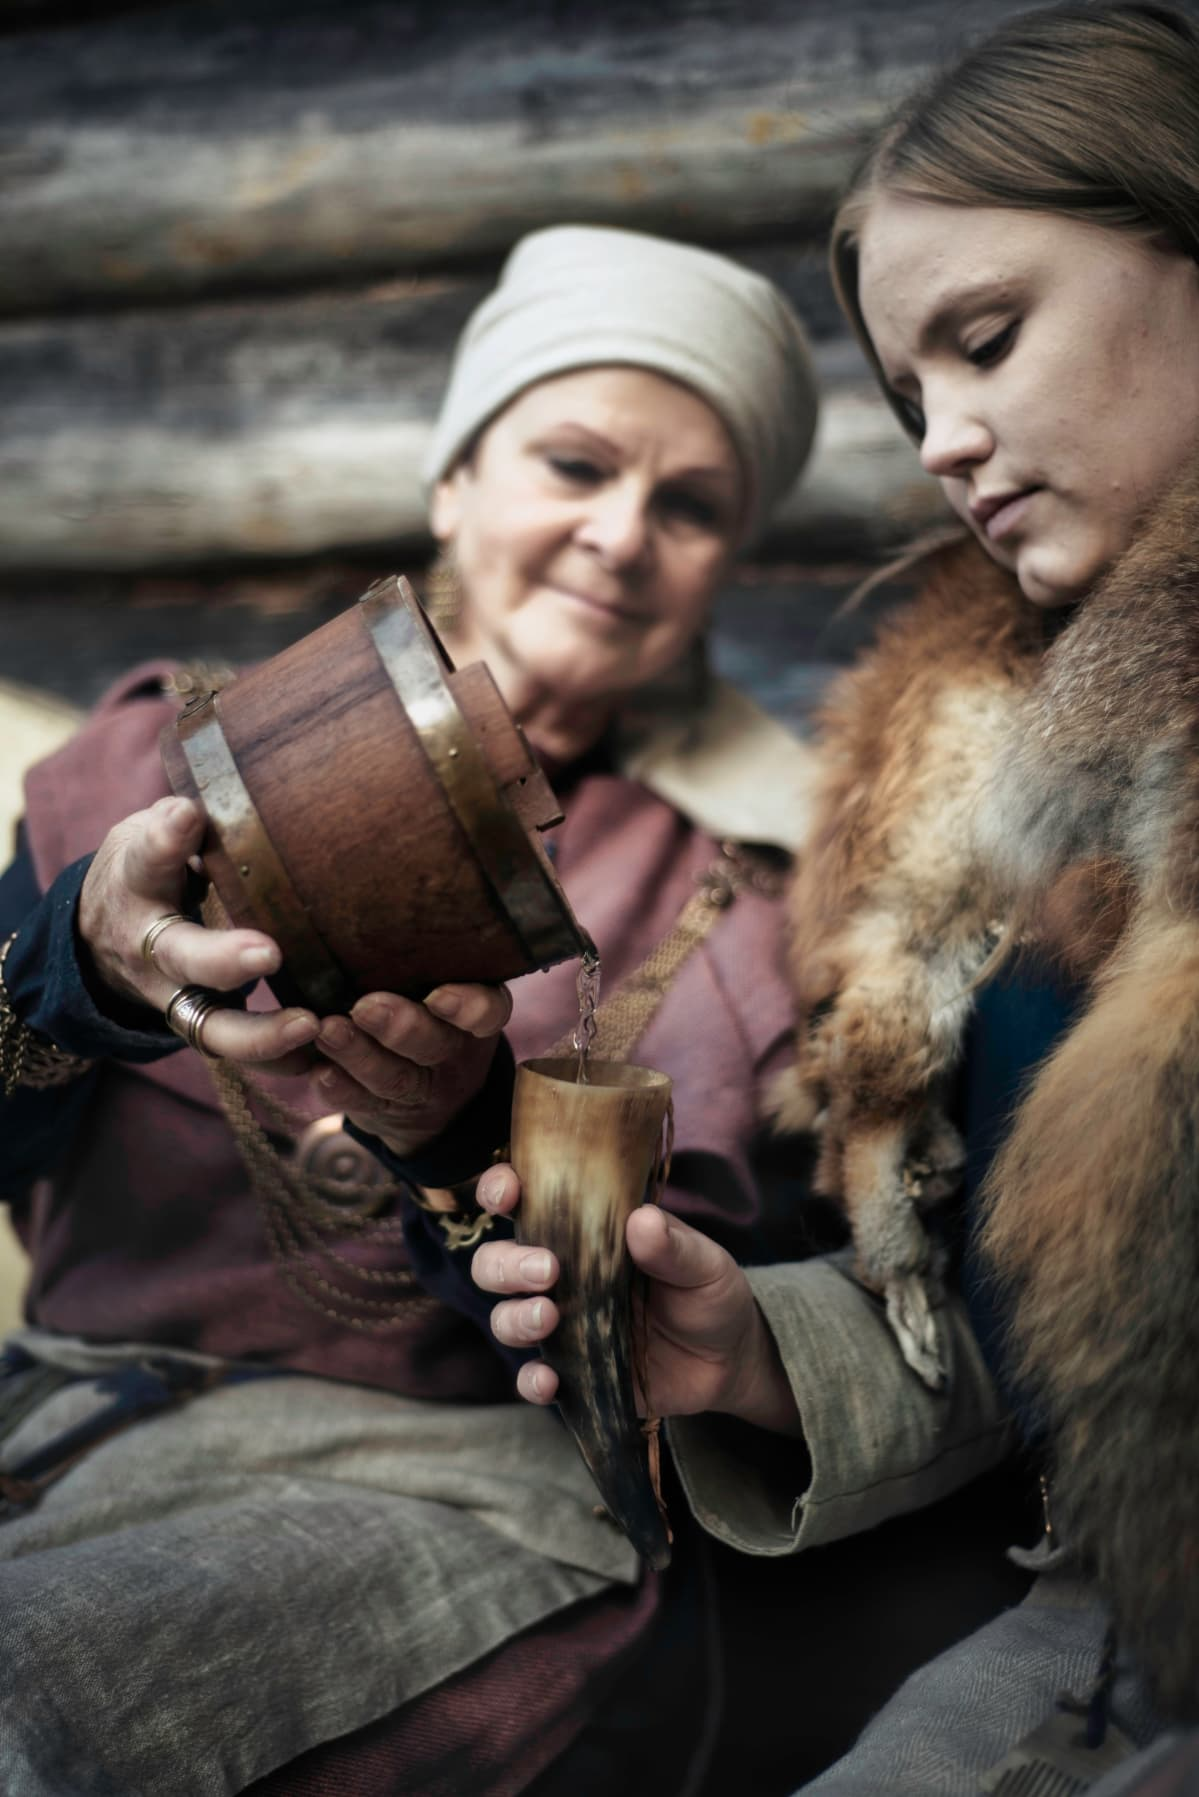 Vanhempi nainen kaataa nuoremmalle naiselle juomaa juomasarveen.